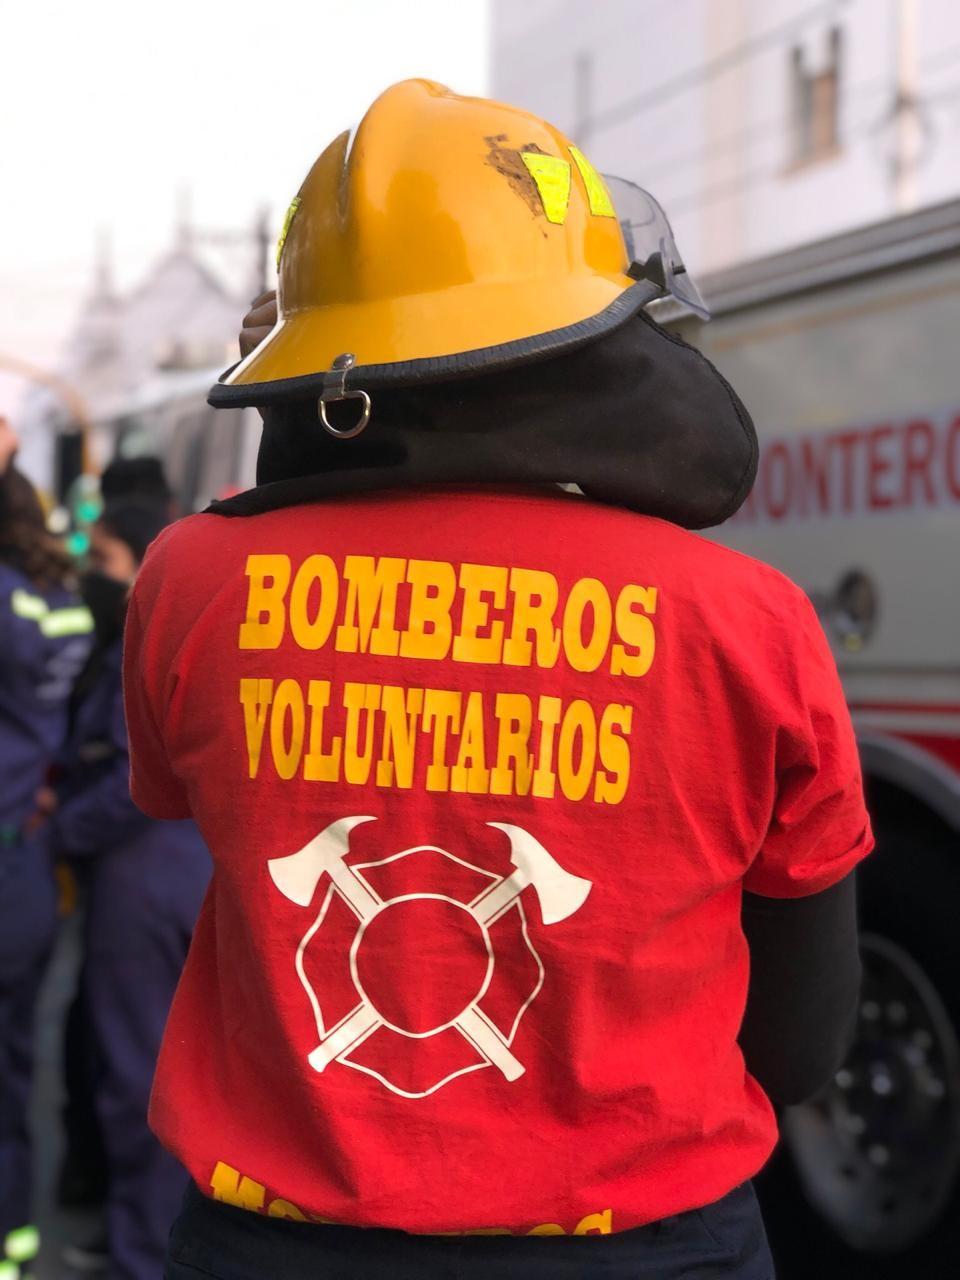 MONTEROS RECIBIÓ UN AUTOBOMBA PARA EL DESTACAMENTO DE BOMBEROS VOLUNTARIOS